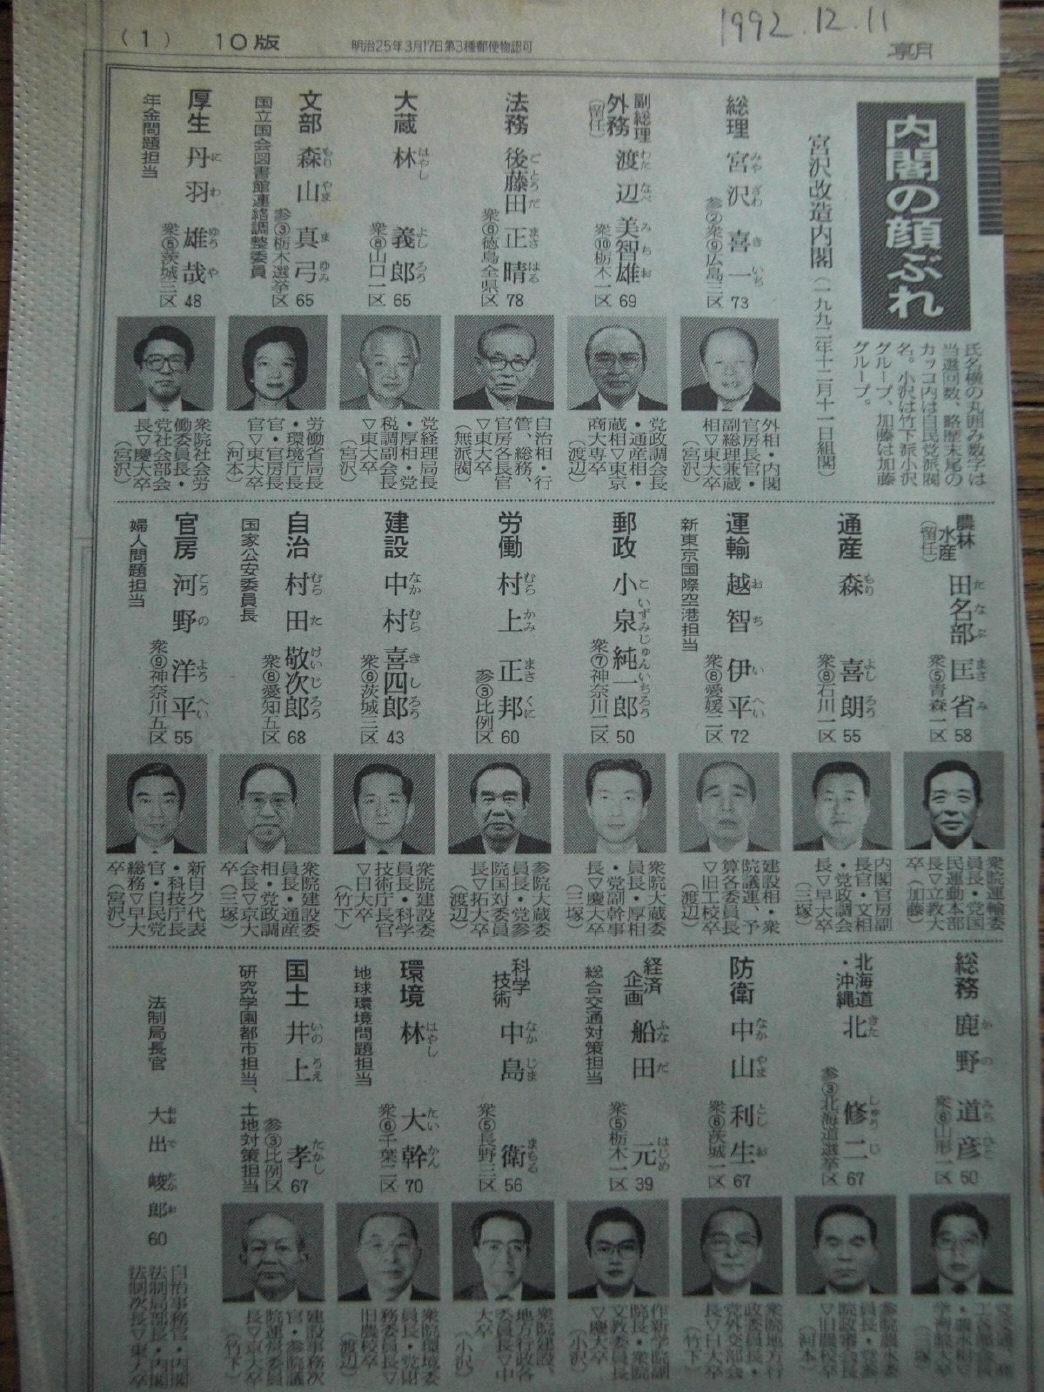 宮沢内閣の不信任決議案が可決された。総選挙の結果、長期にわたる自民党政権... 政治の劣化と選挙